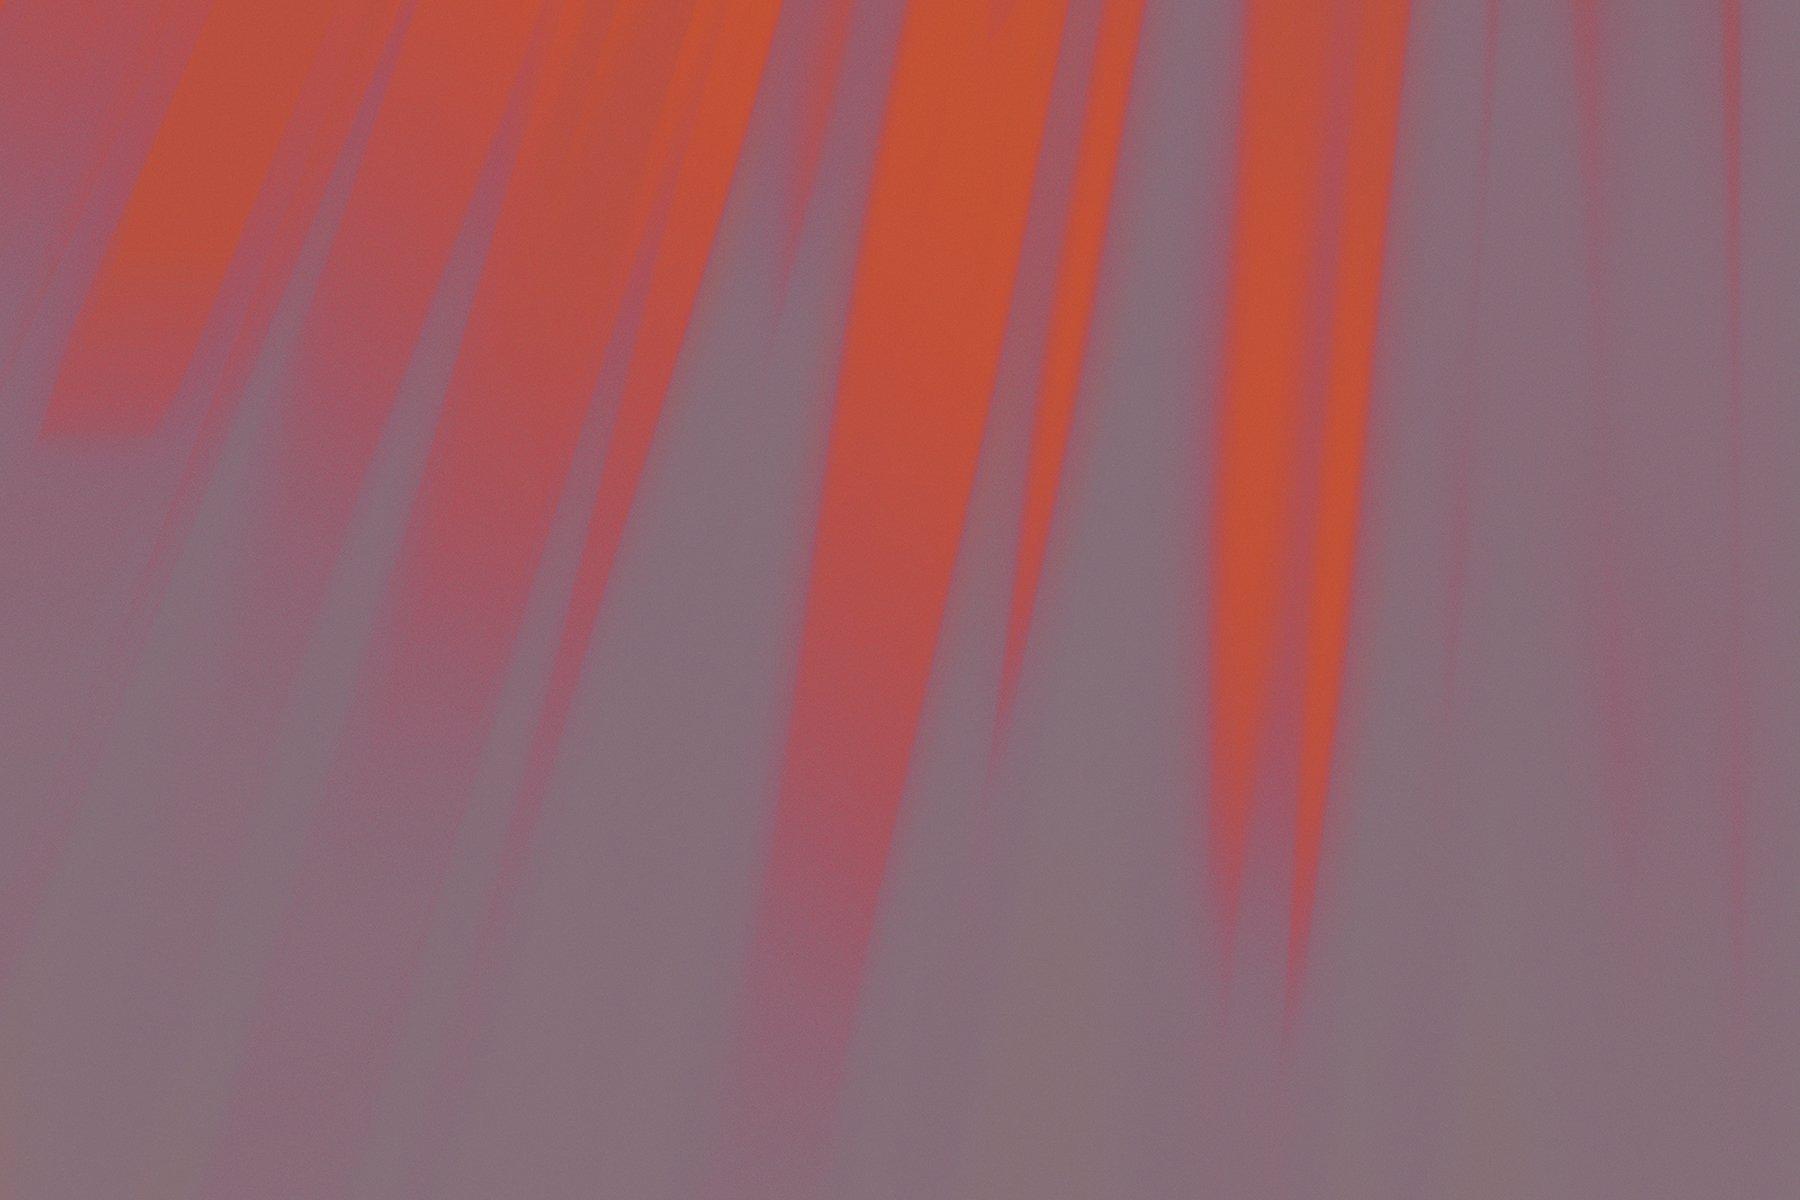 14款高清炫彩抽象艺术动感模糊渐变海报背景图片素材 Clear Supply – Temporal Two插图11